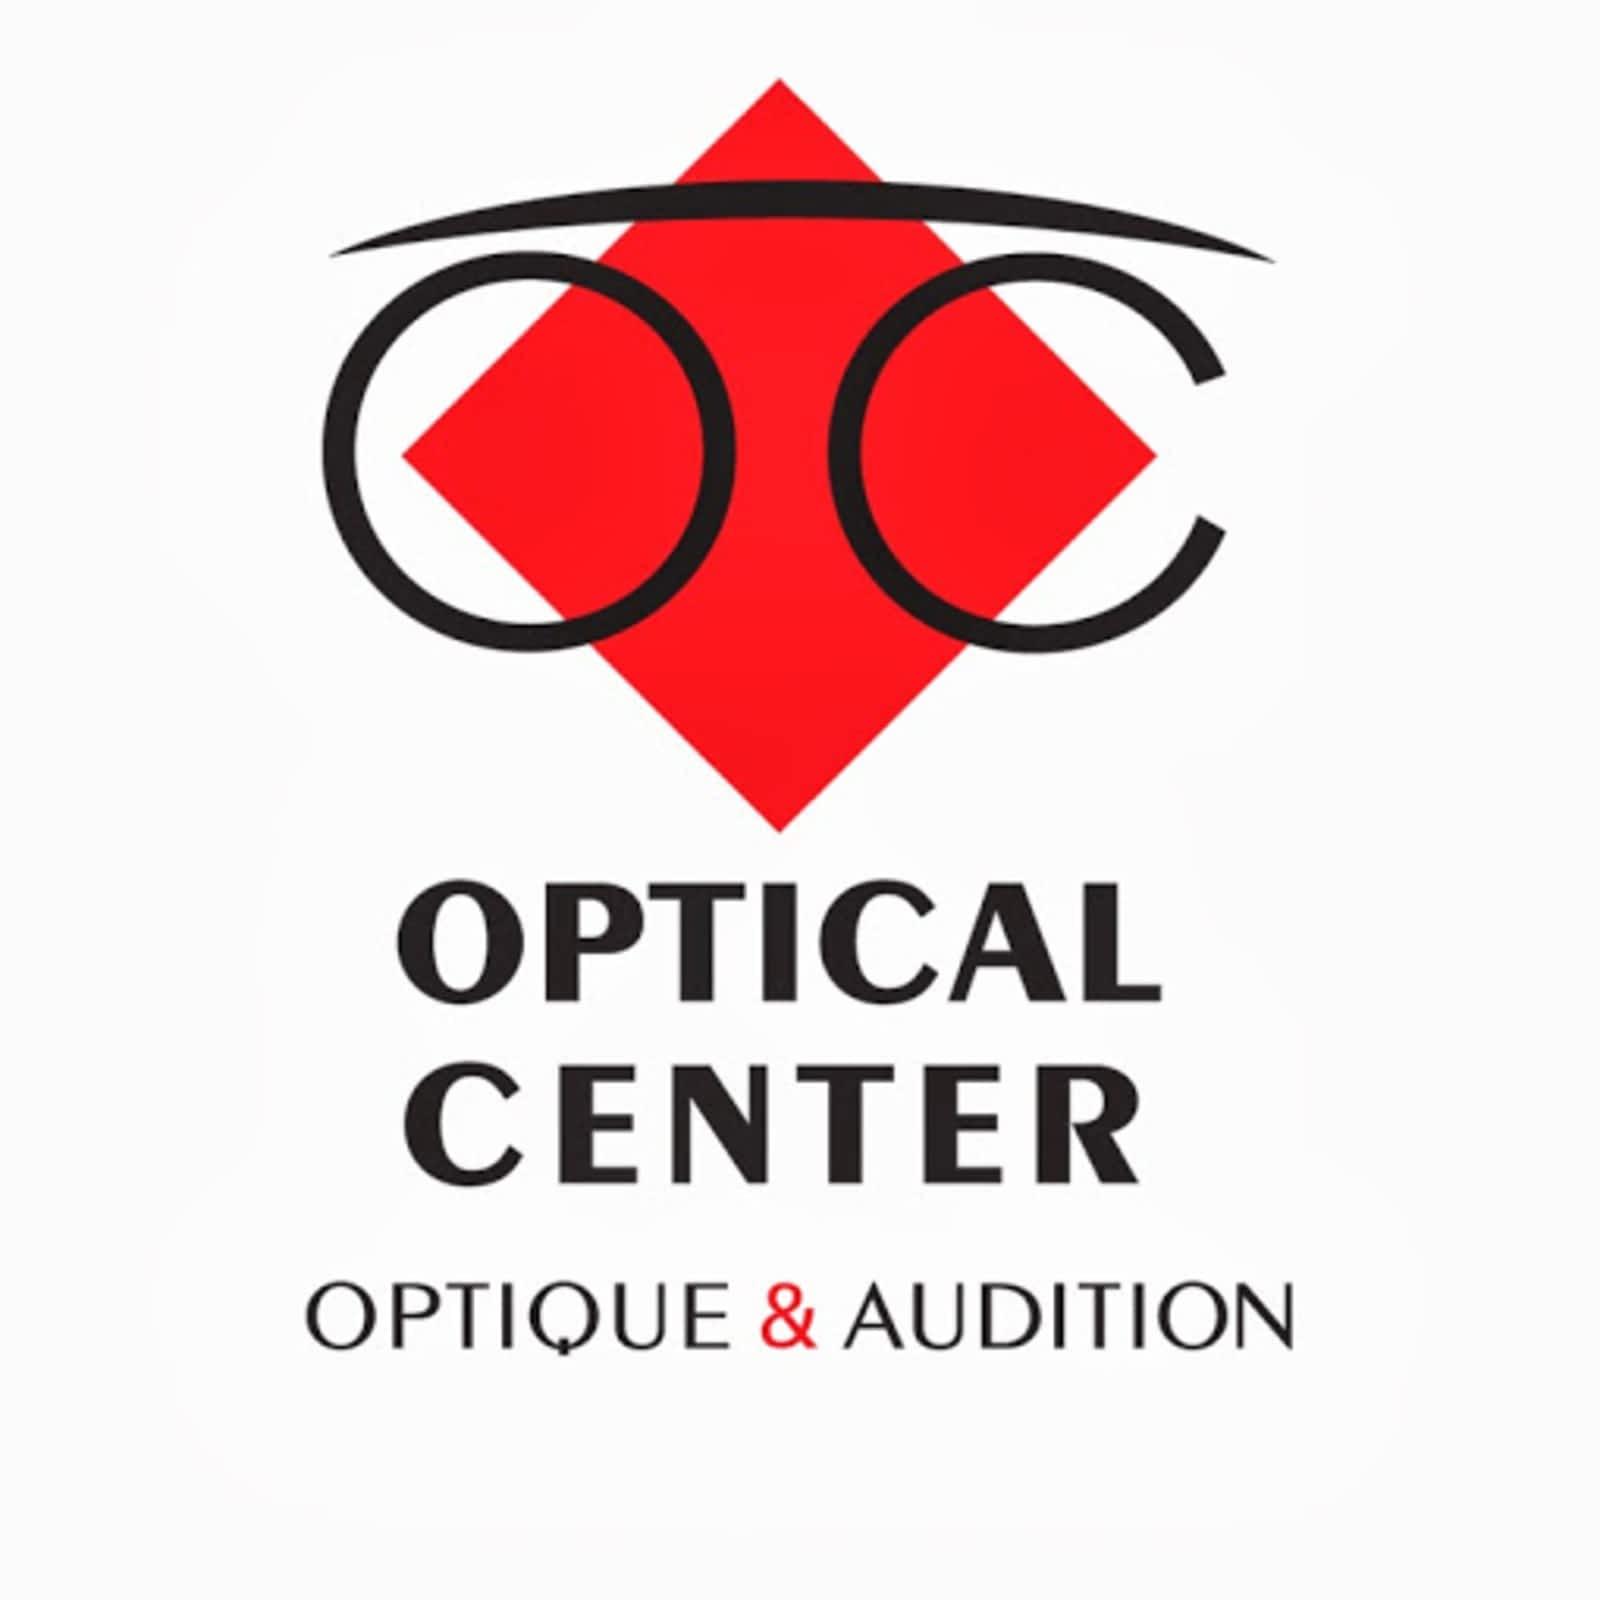 b707478610bc03 Optical Center - Horaire d ouverture - 183 boul Hymus, Pointe-Claire, QC